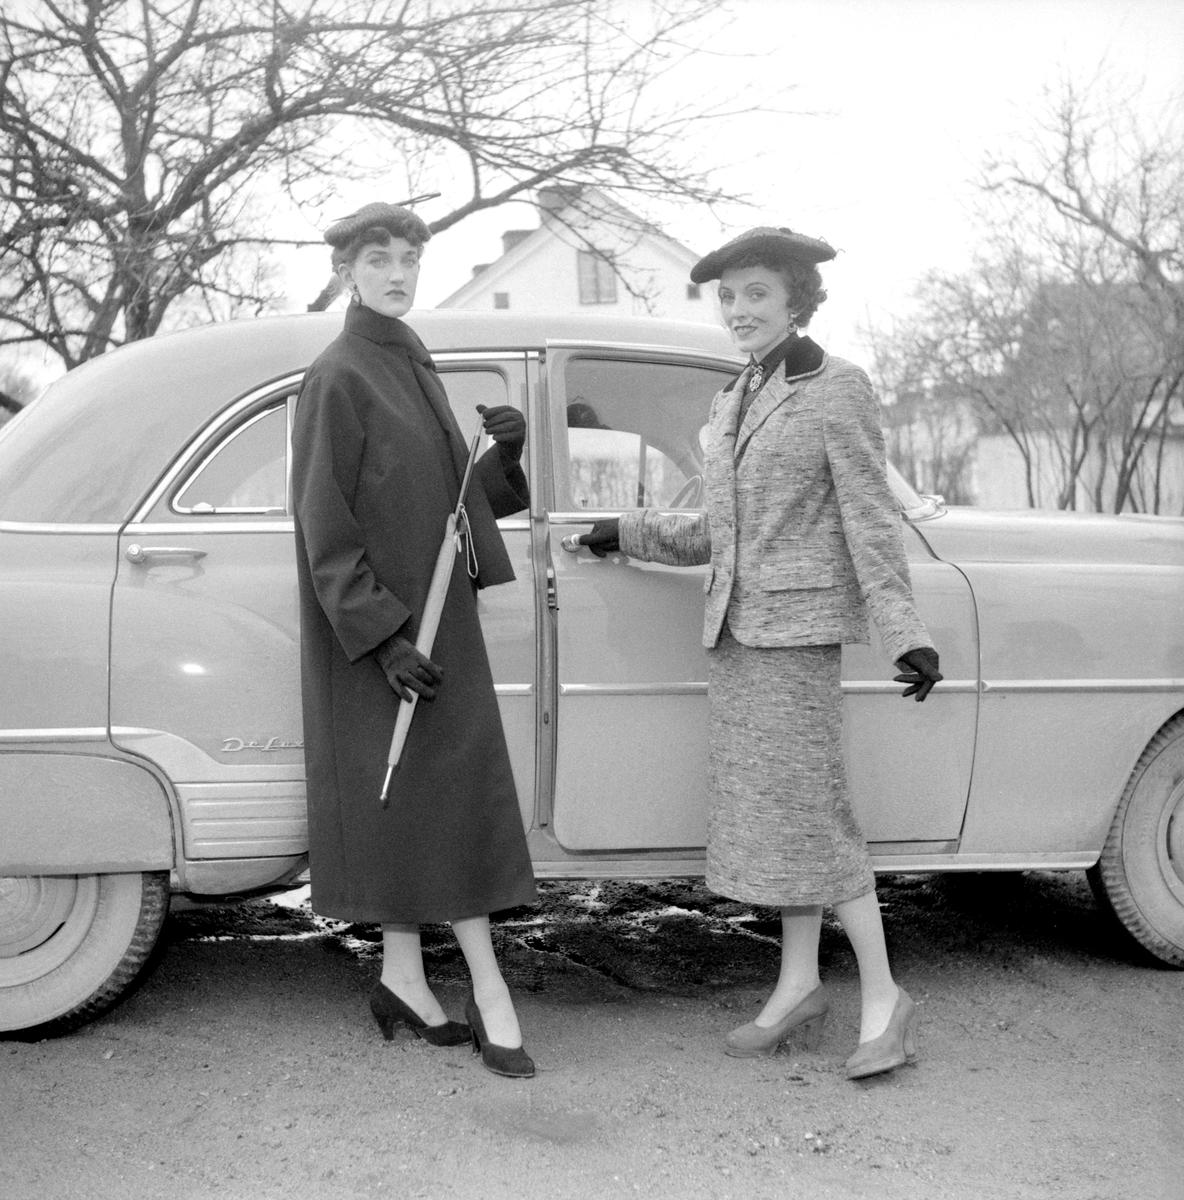 För sjätte året i rad visades vår- och sommarmode i Åtvidaberg. Dagen var första söndagen i april 1953 och för arrangemanget stod Husmodersföreningen. Kläderna och hattarna levererades av Simons Hörna respektive Ninettes. Detta år samlades arrangemanget i ortens hotell. De eleganta mannekängerna har här emellertid tagit posto utomhus. Bilen är en Chevrolet Deluxe.